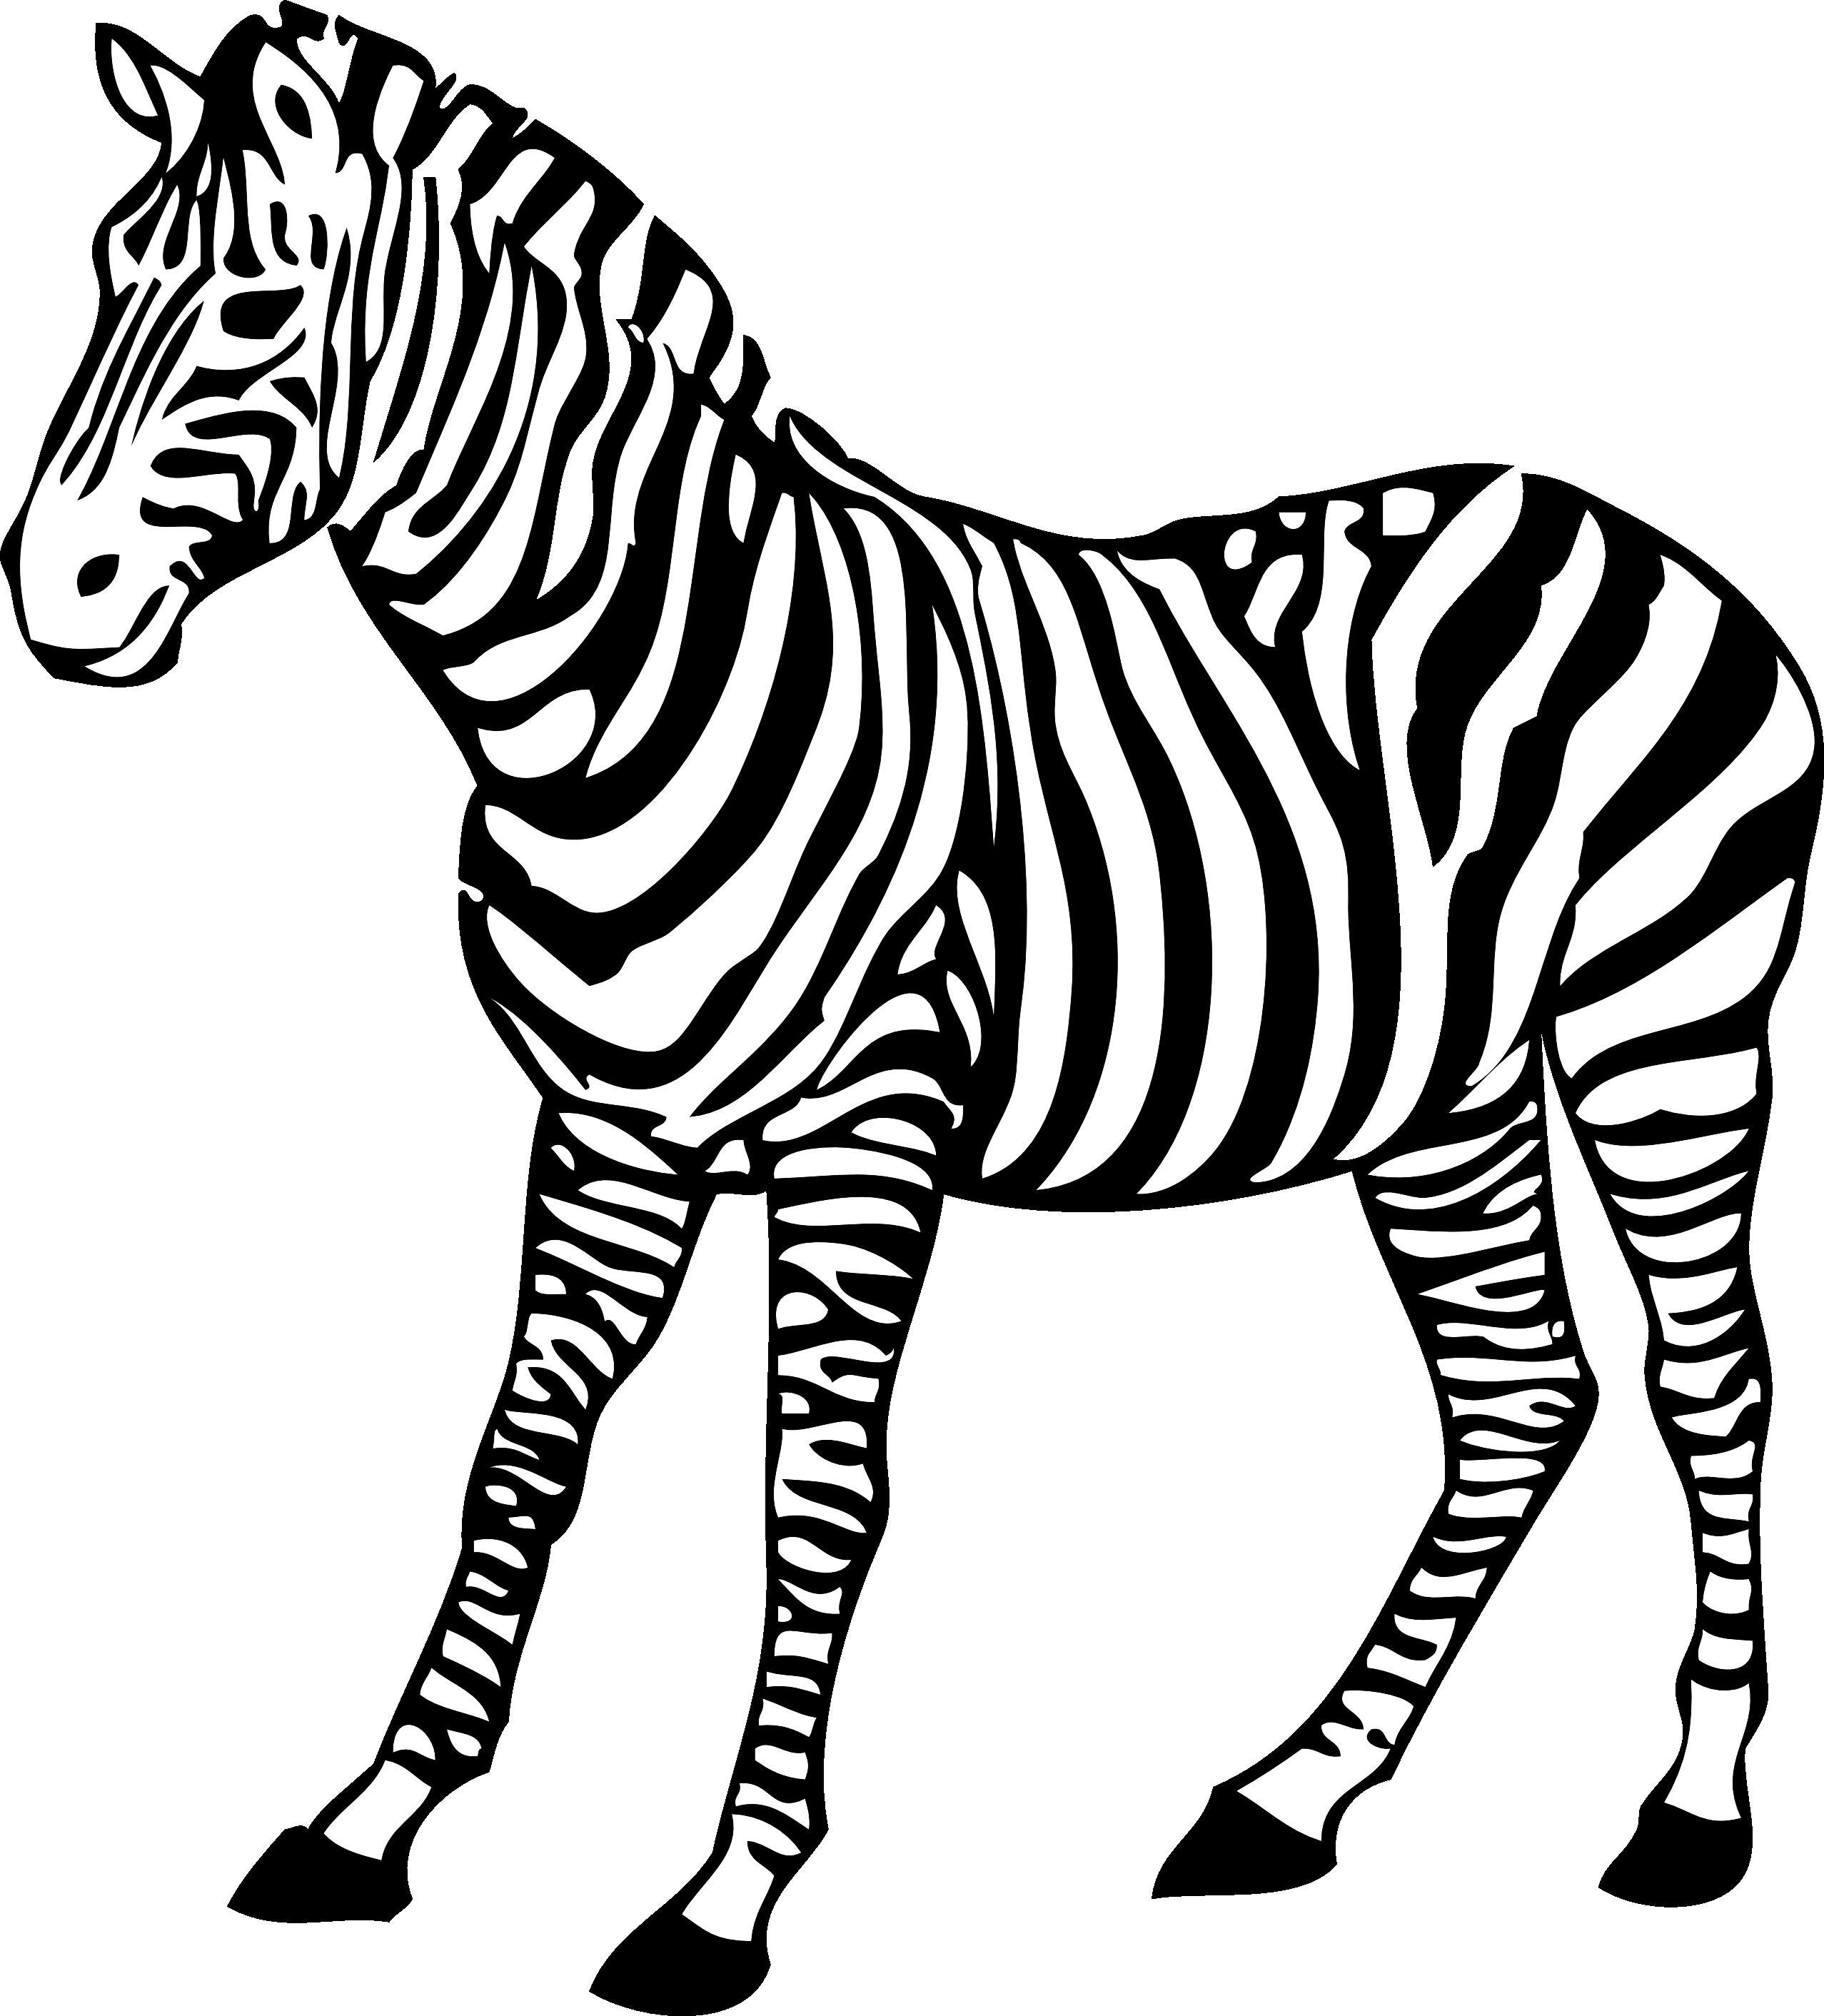 Zebra Clipart Black And White-zebra clipart black and white-13